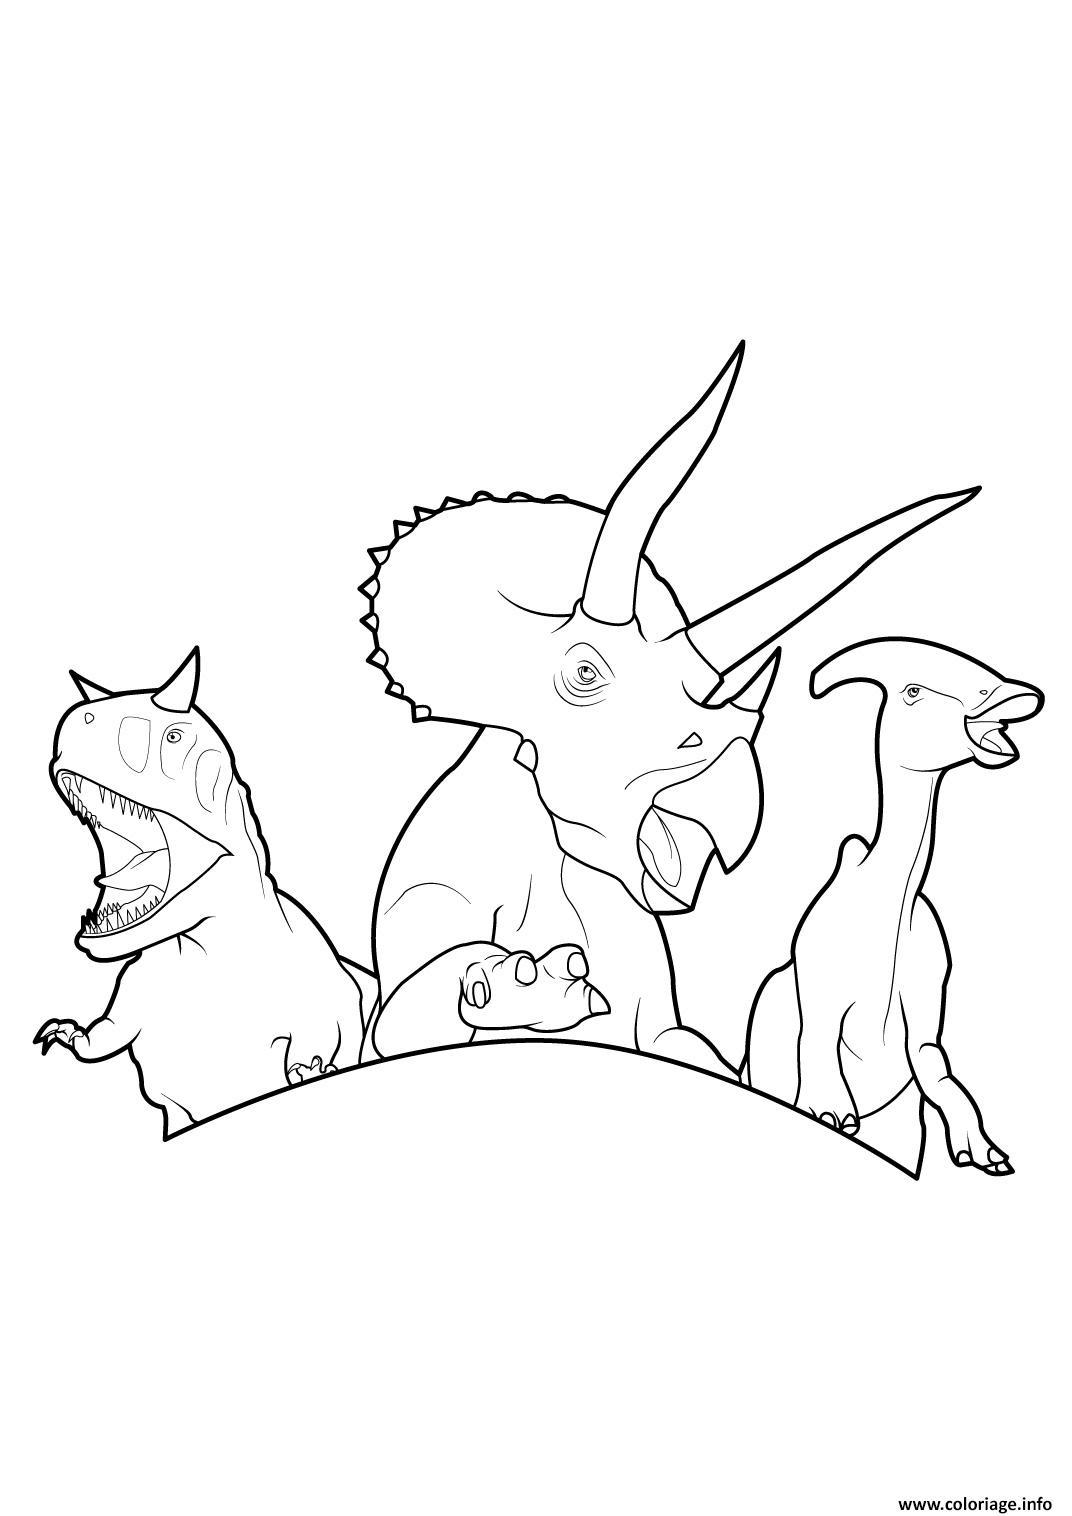 Coloriage Dinosaure 363 dessin